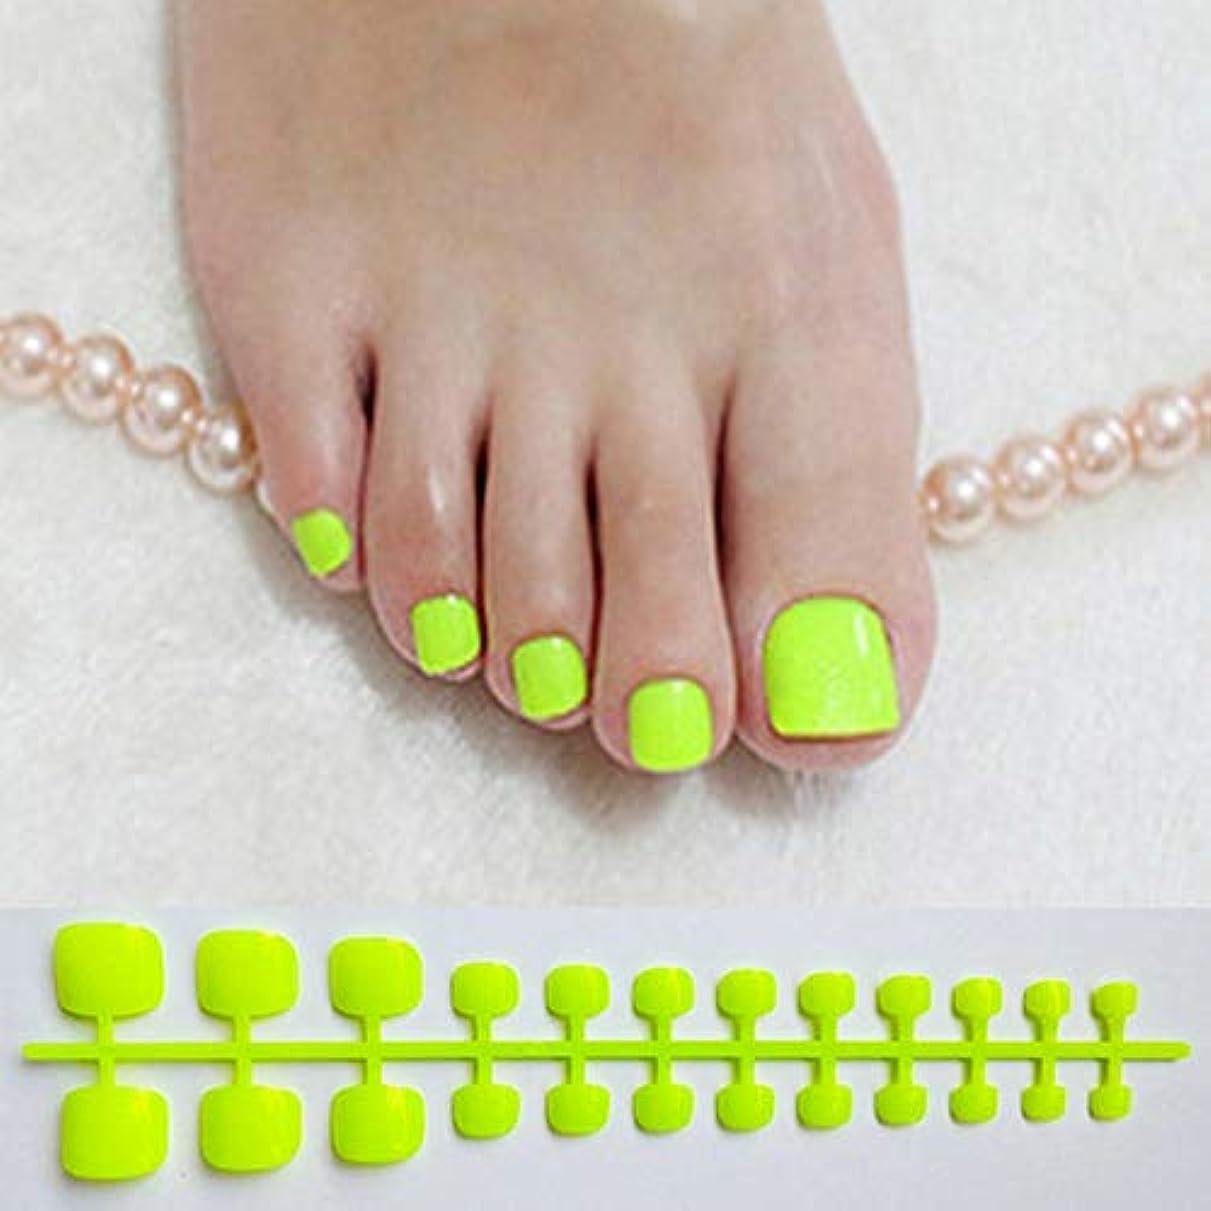 二次主導権ご注意XUTXZKA 人工爪色の爪の明るい緑の偽のつま先の爪の広場